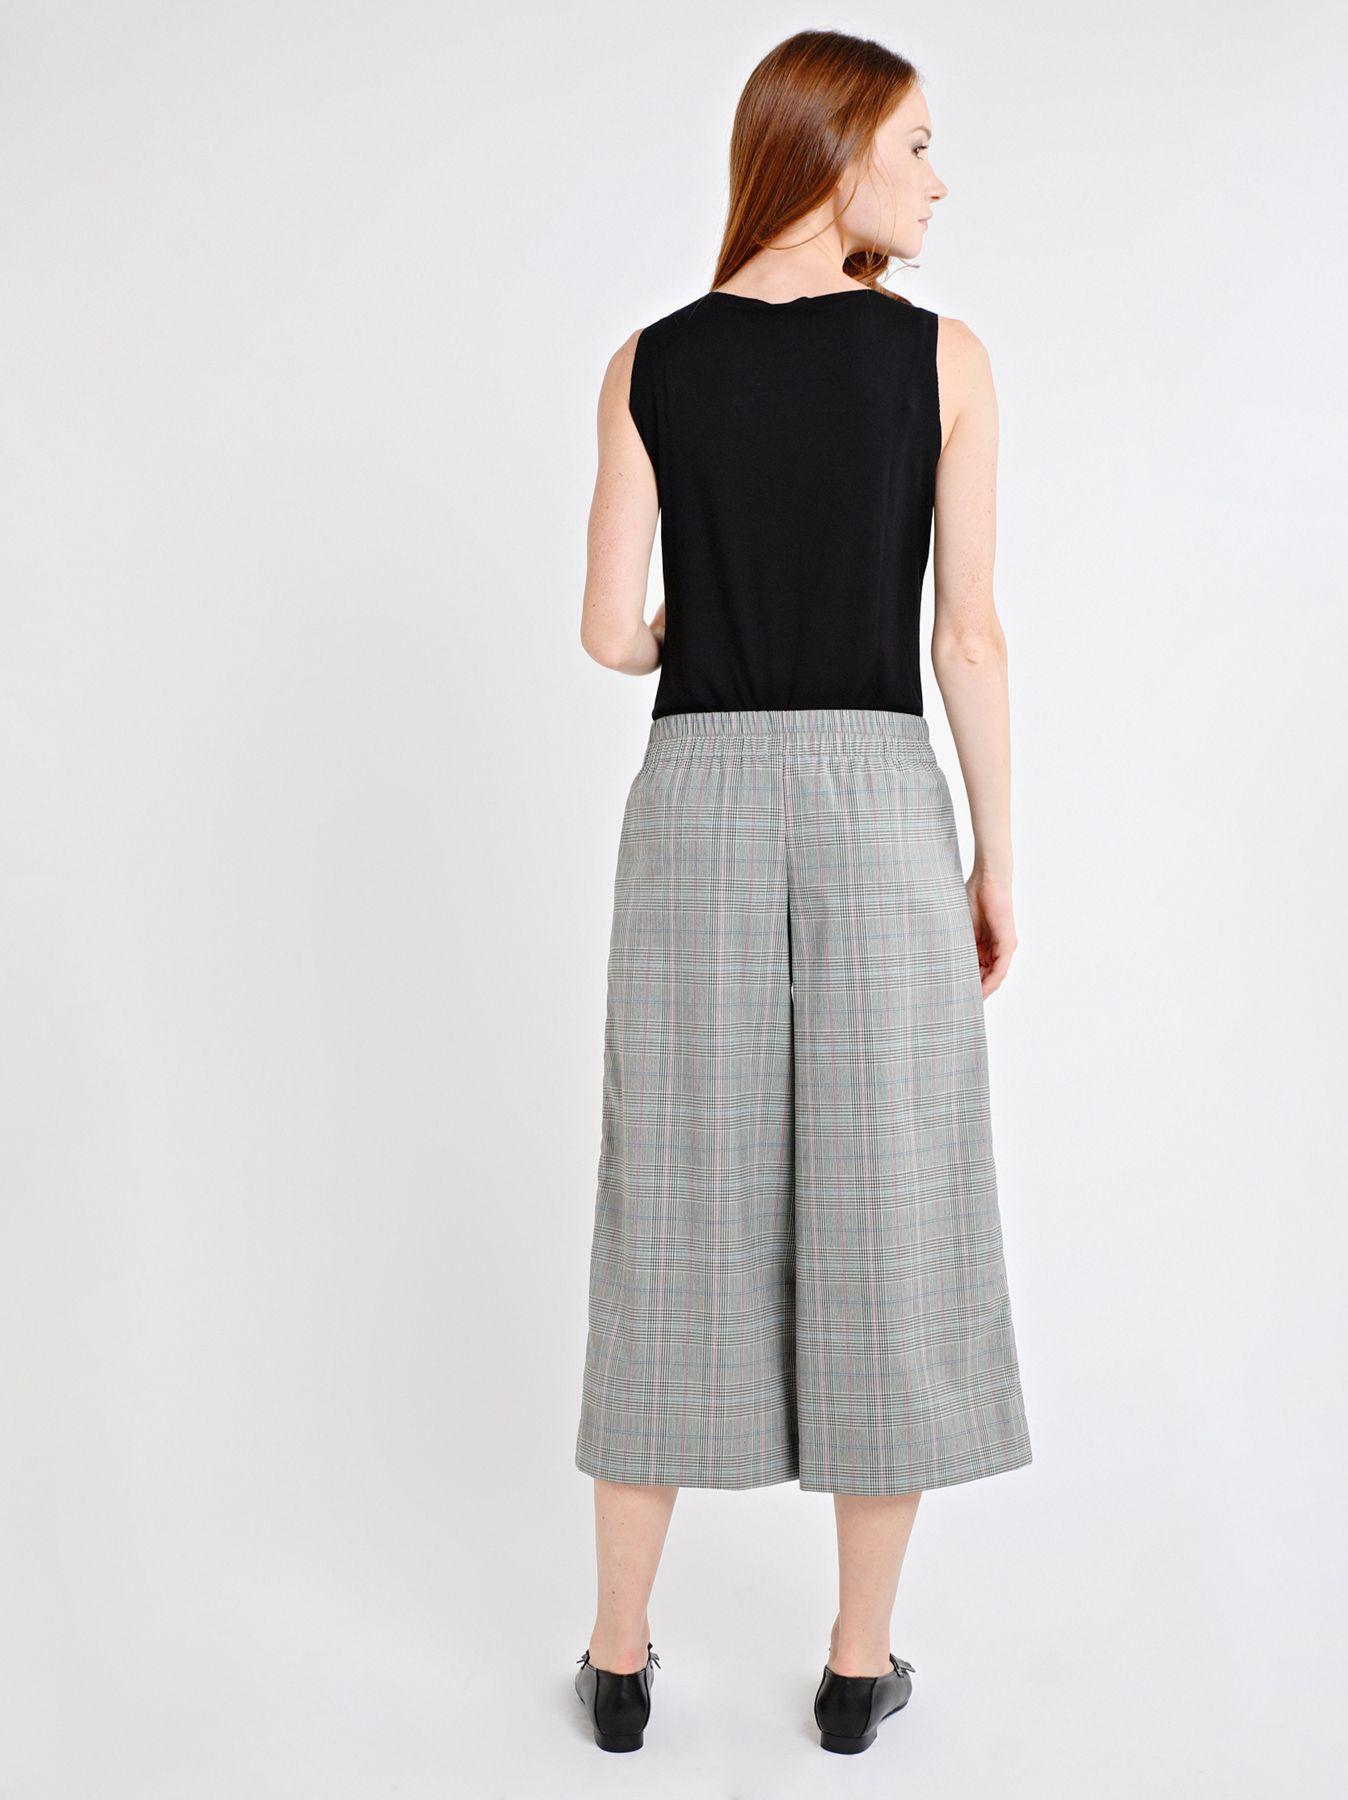 Falda pantalón con cuadros escoceses